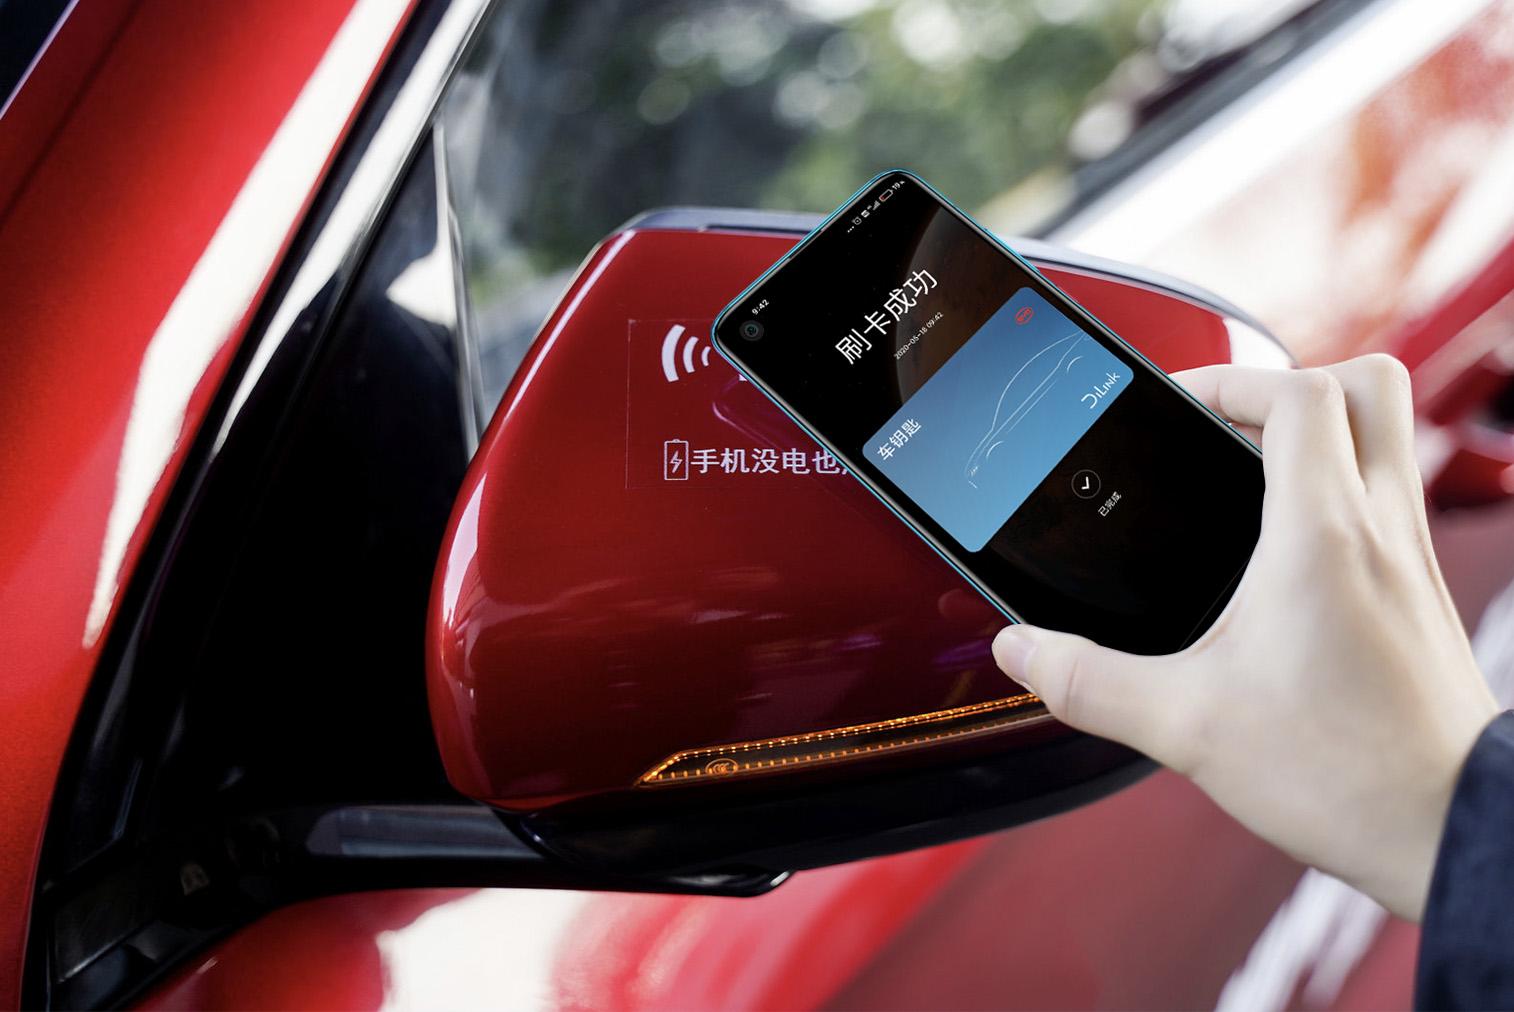 手里拿着红色的汽车 描述已自动生成